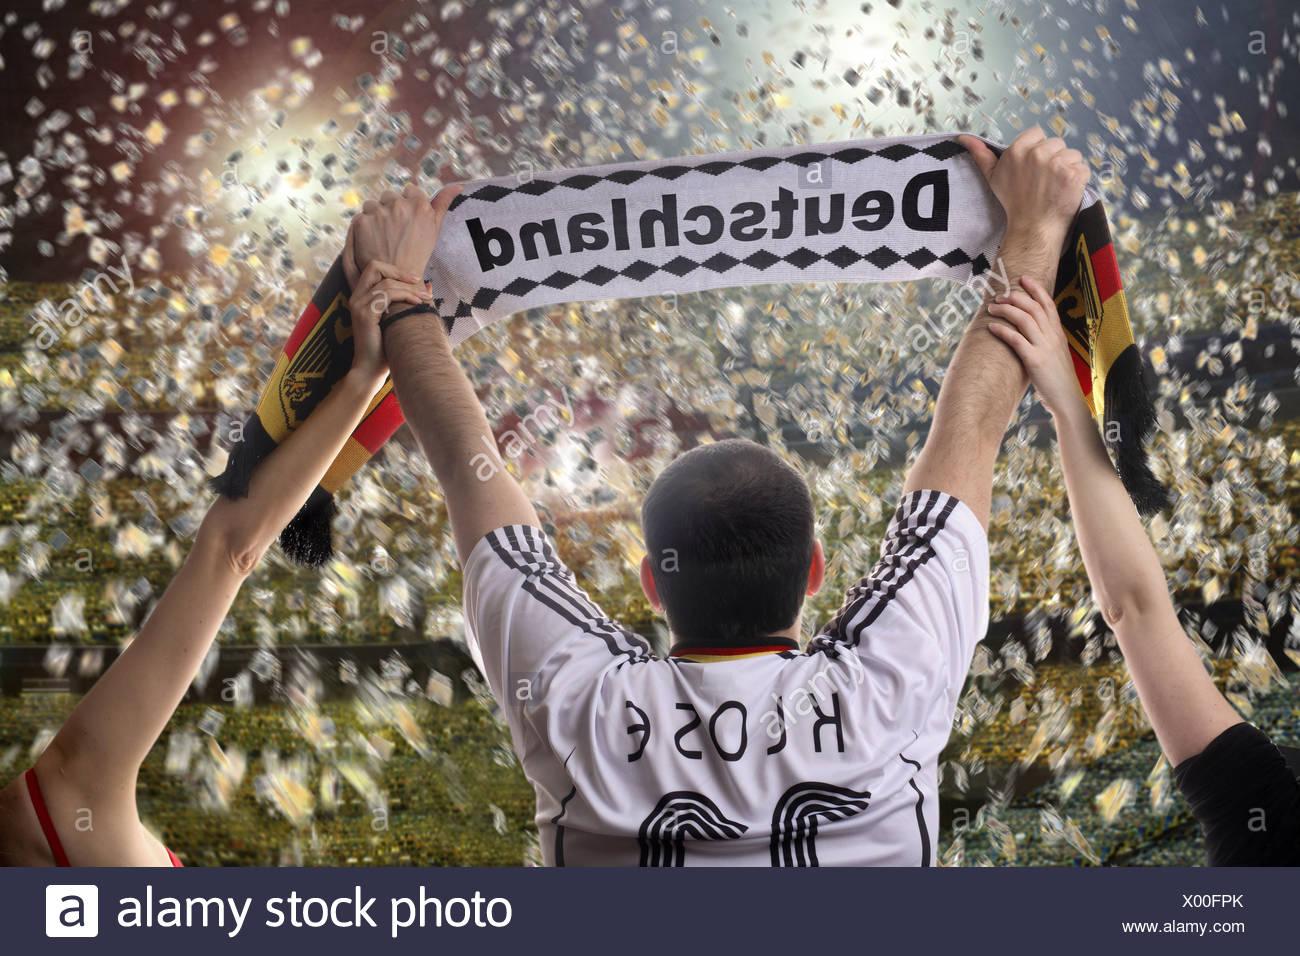 Football fan brandissant une écharpe de supporters allemands, vu de derrière, avec les confettis dans un stade de football Photo Stock